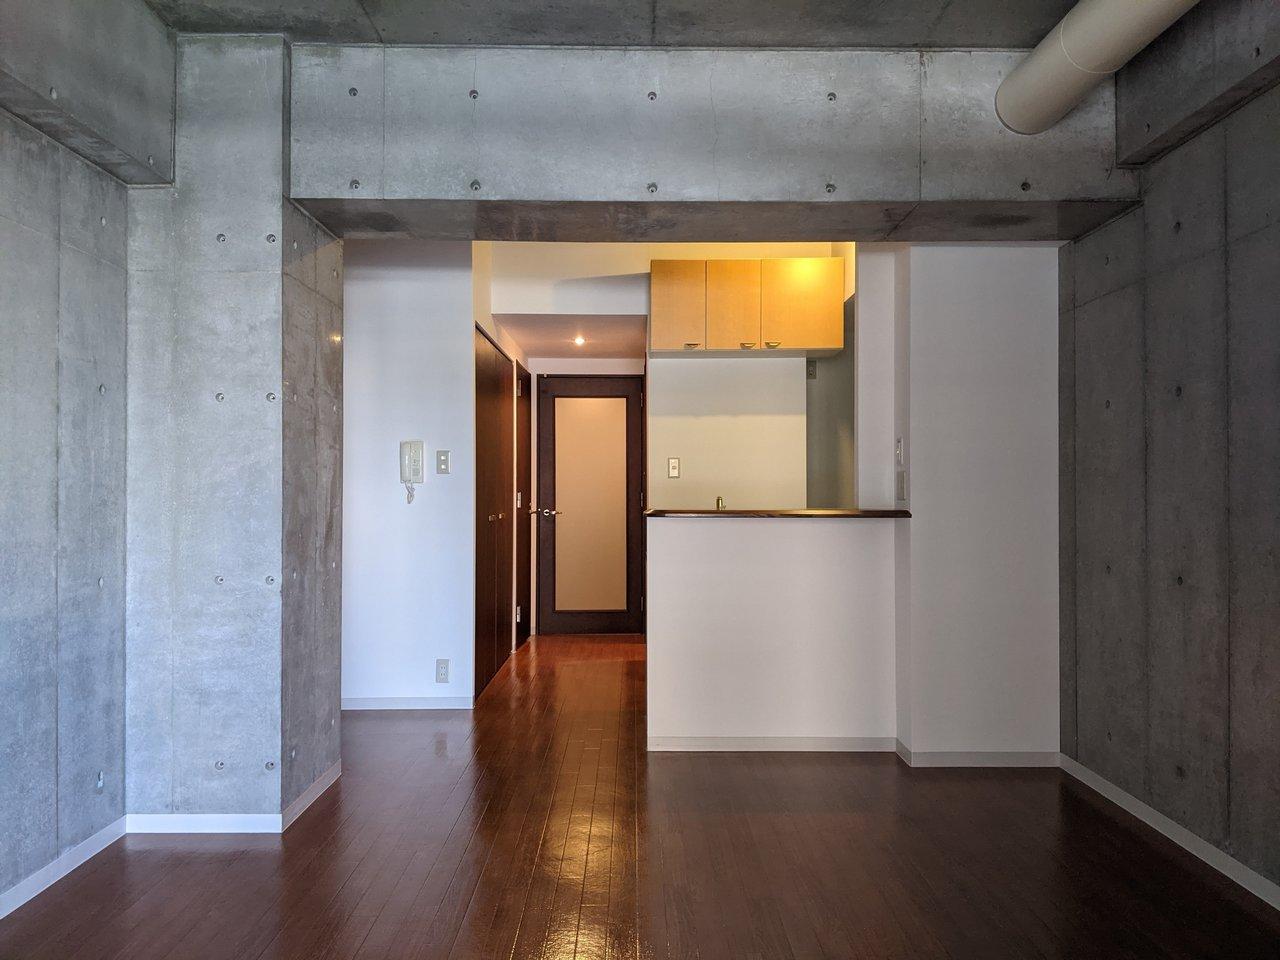 部屋から玄関を見たらこんな感じ。キッチンはカウンタータイプで、テレビを見たりしながら調理ができるのでおすすめです。